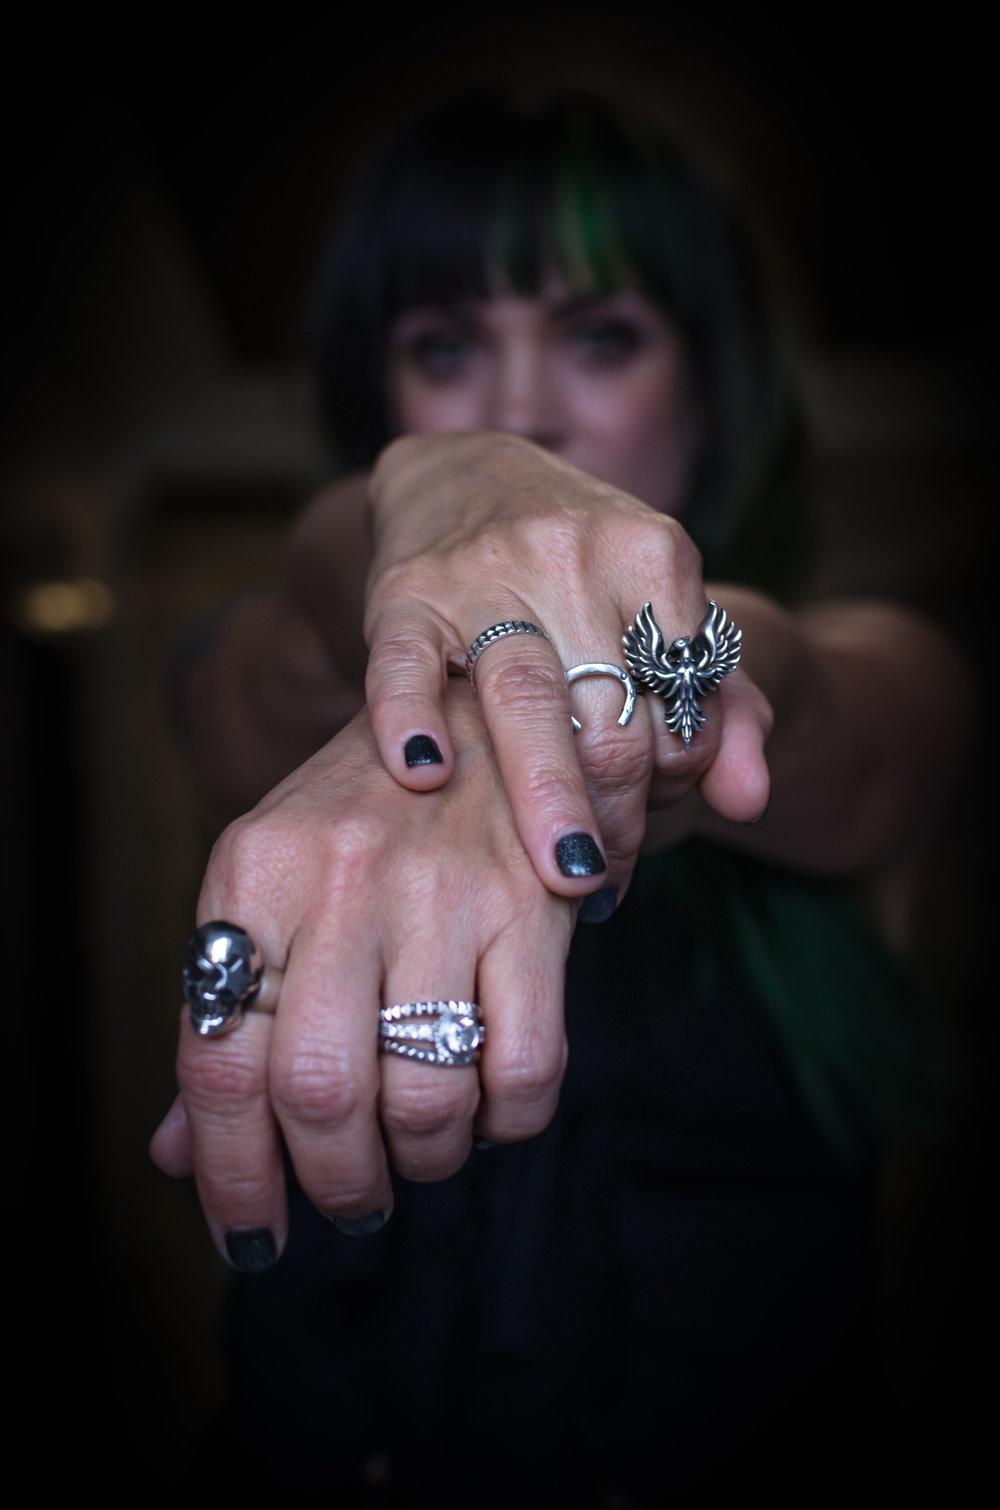 Designer: Justine Cullen | Shot by: @Sartorial.losangeles | Yoshawn Smith